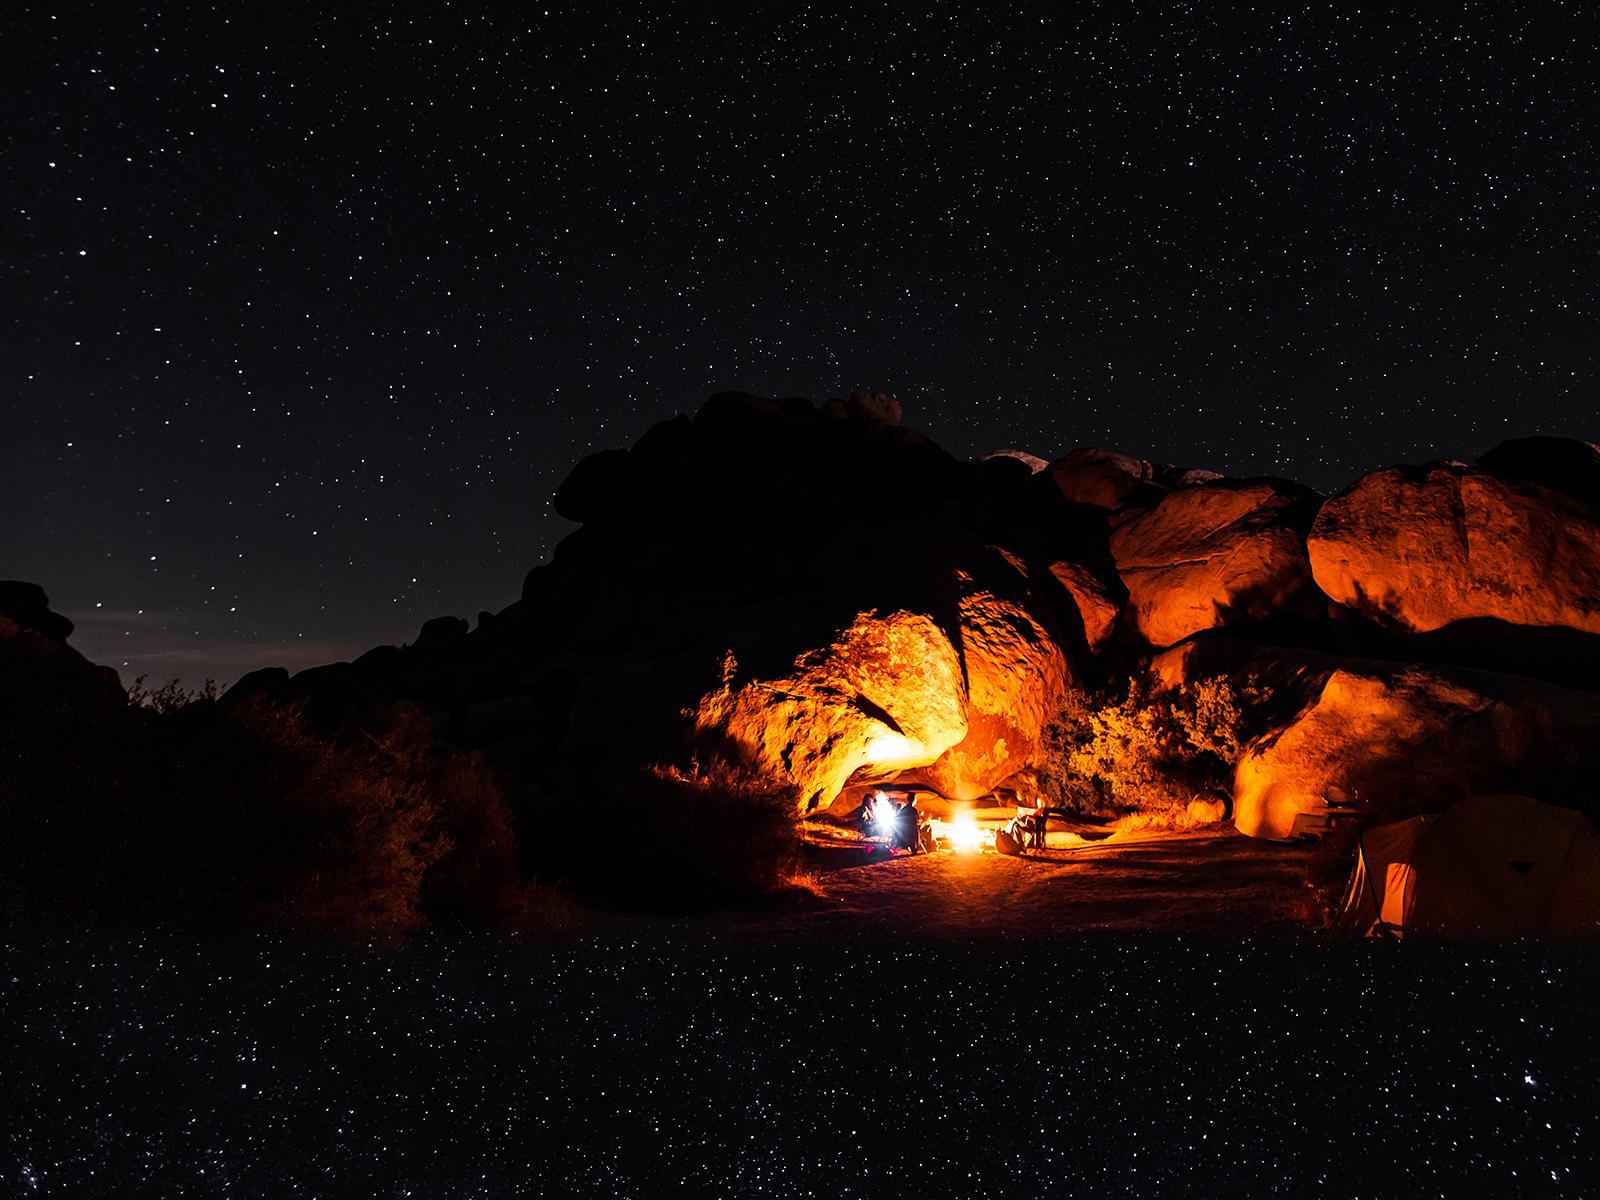 Le feu : essentiel depuis la nuit des temps